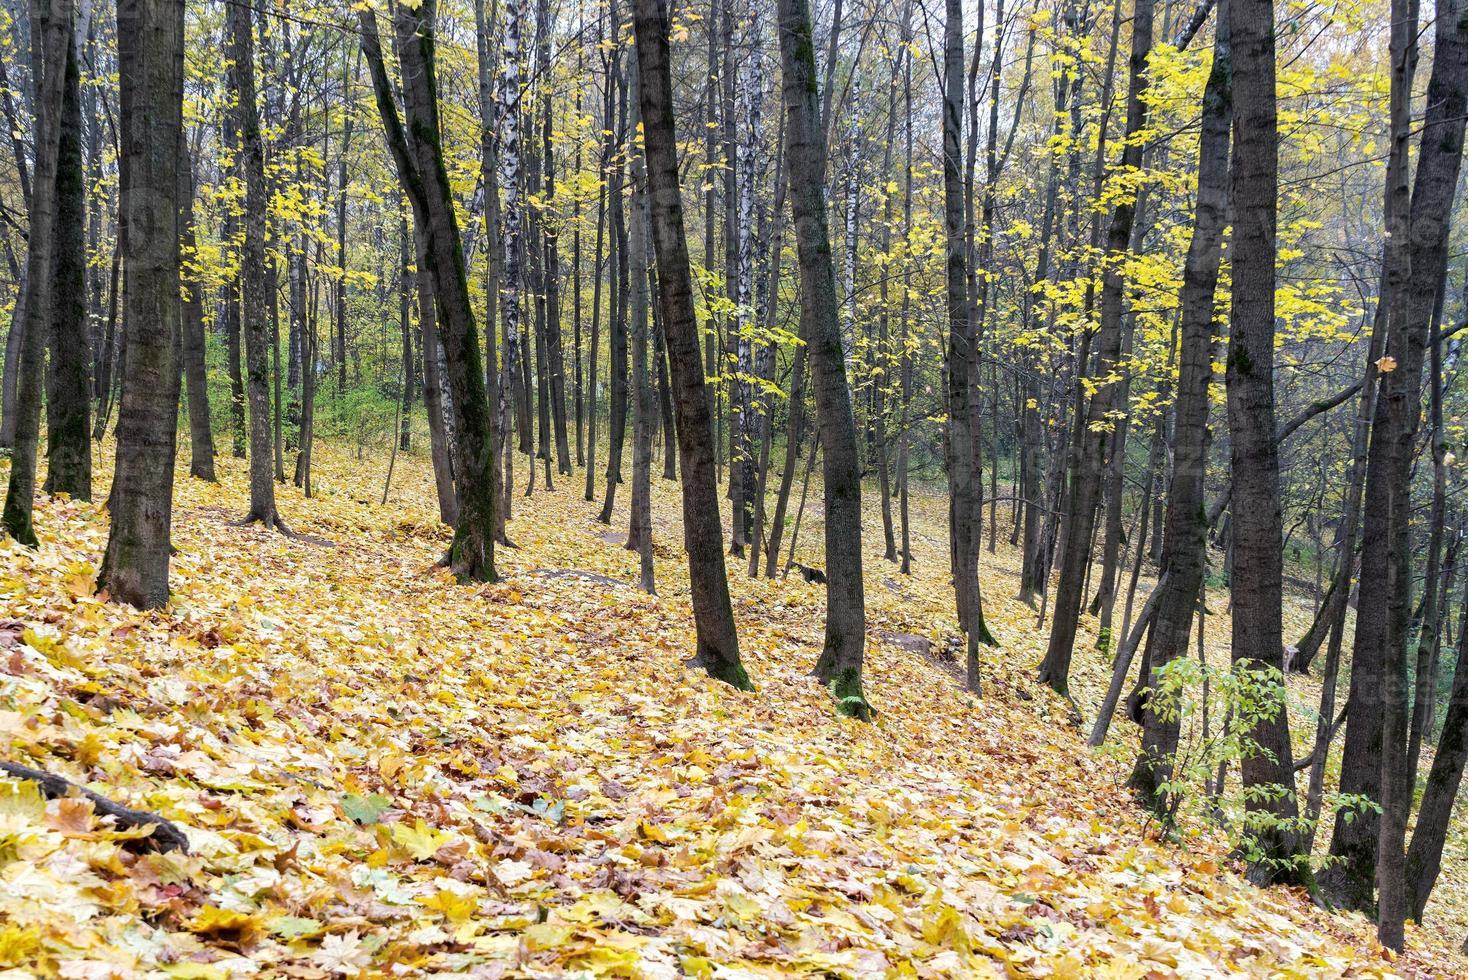 höstlönnlöv ligger i skogen. fokusera på förgrunden. foto